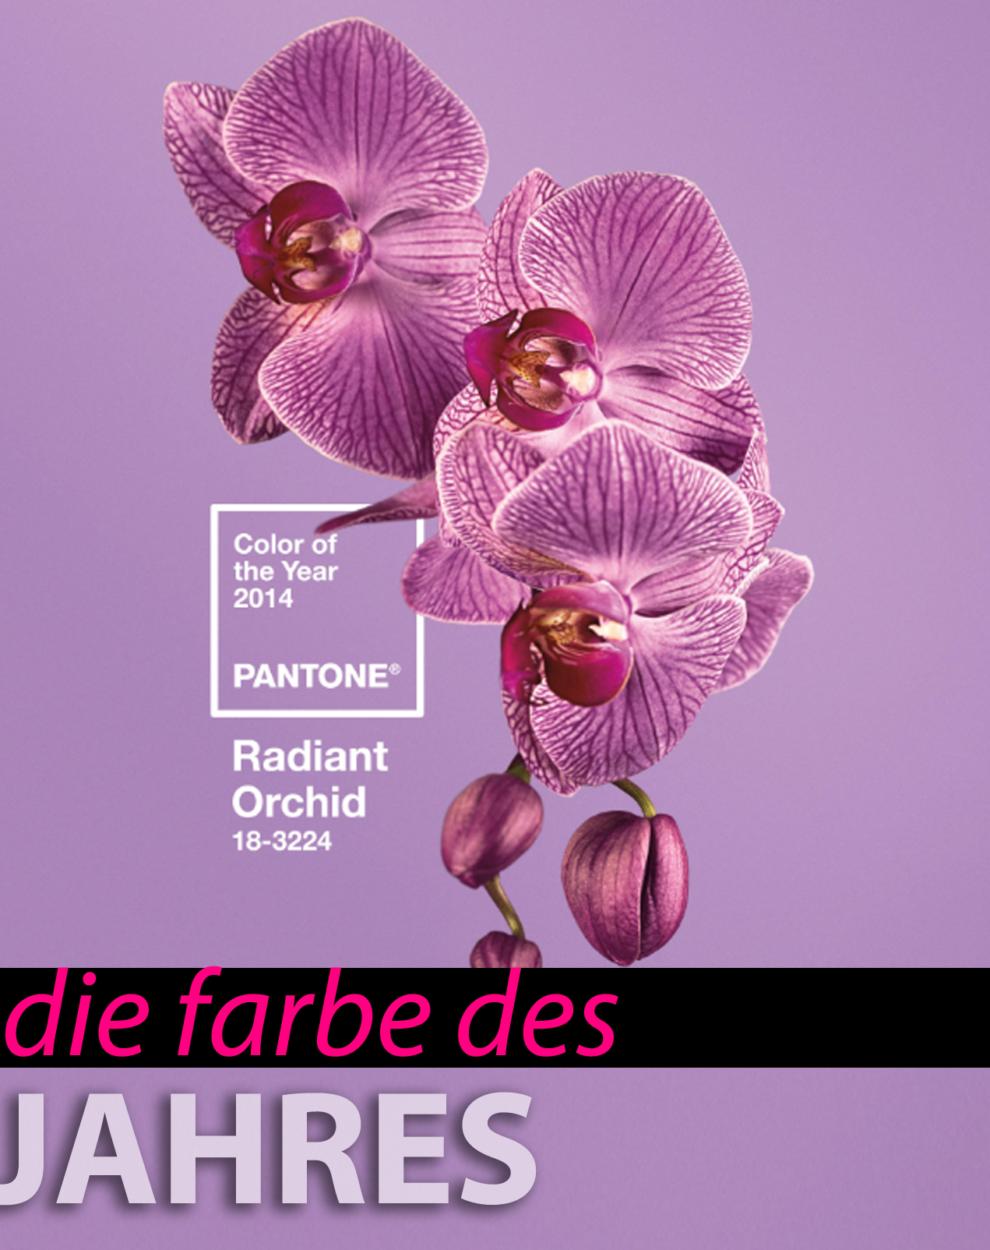 farbe des jahres 2014 radiant orchid ana alcazar blog. Black Bedroom Furniture Sets. Home Design Ideas